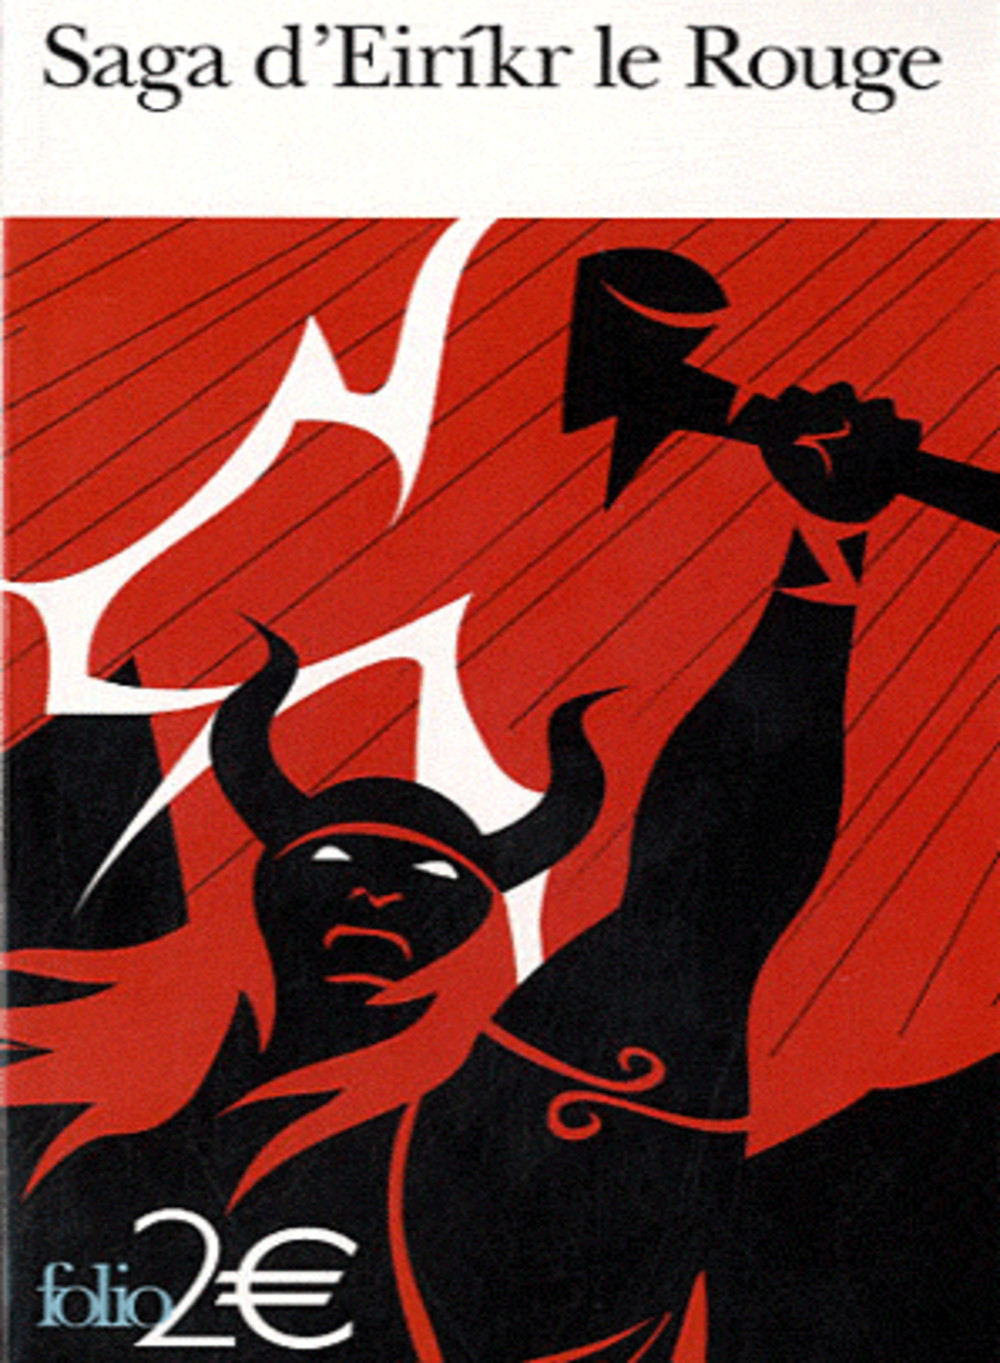 image du livre d'Eirikr le rouge